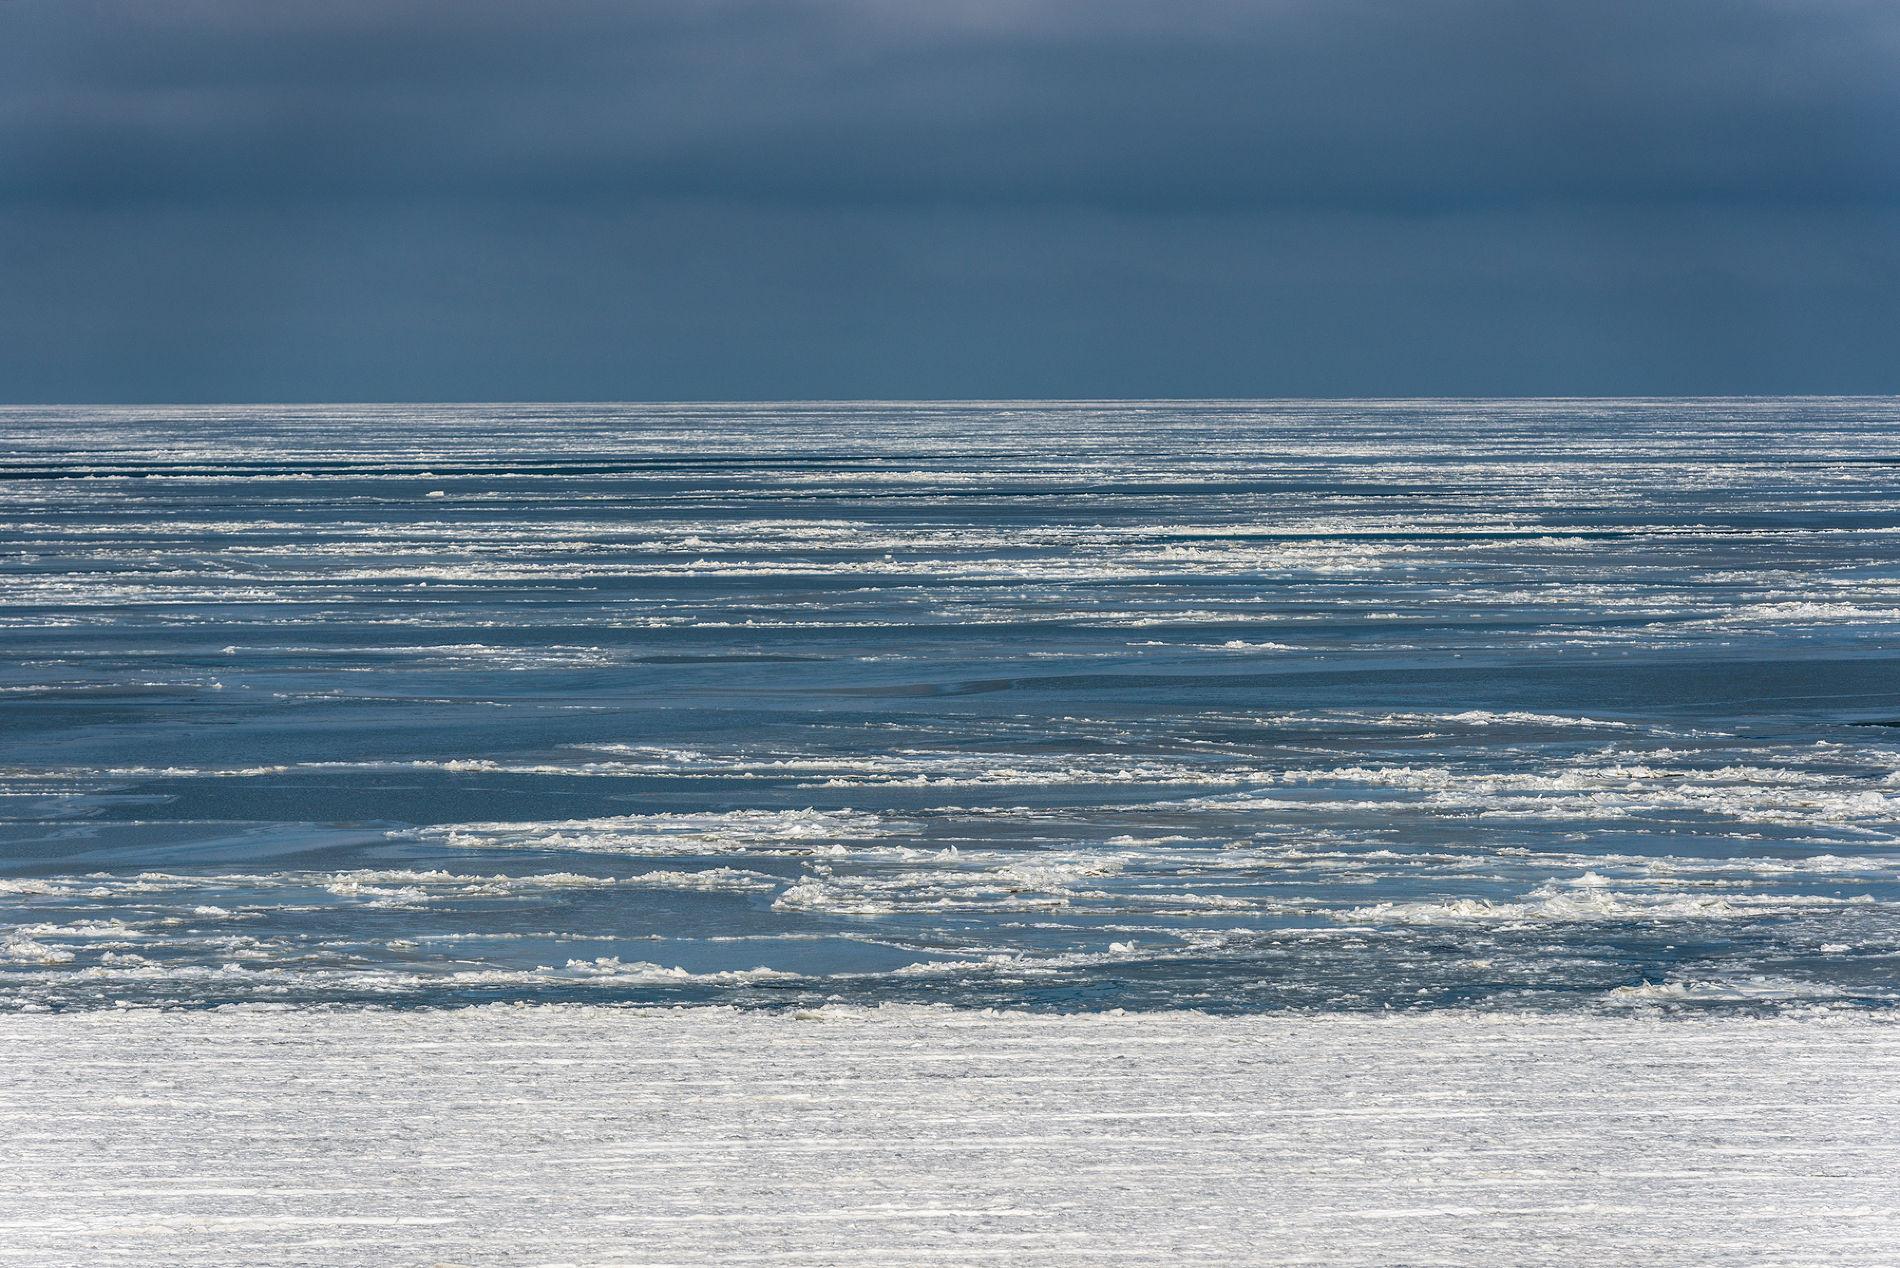 Азовское море, поселок Пересыпь ©Фото Алексея Школьного